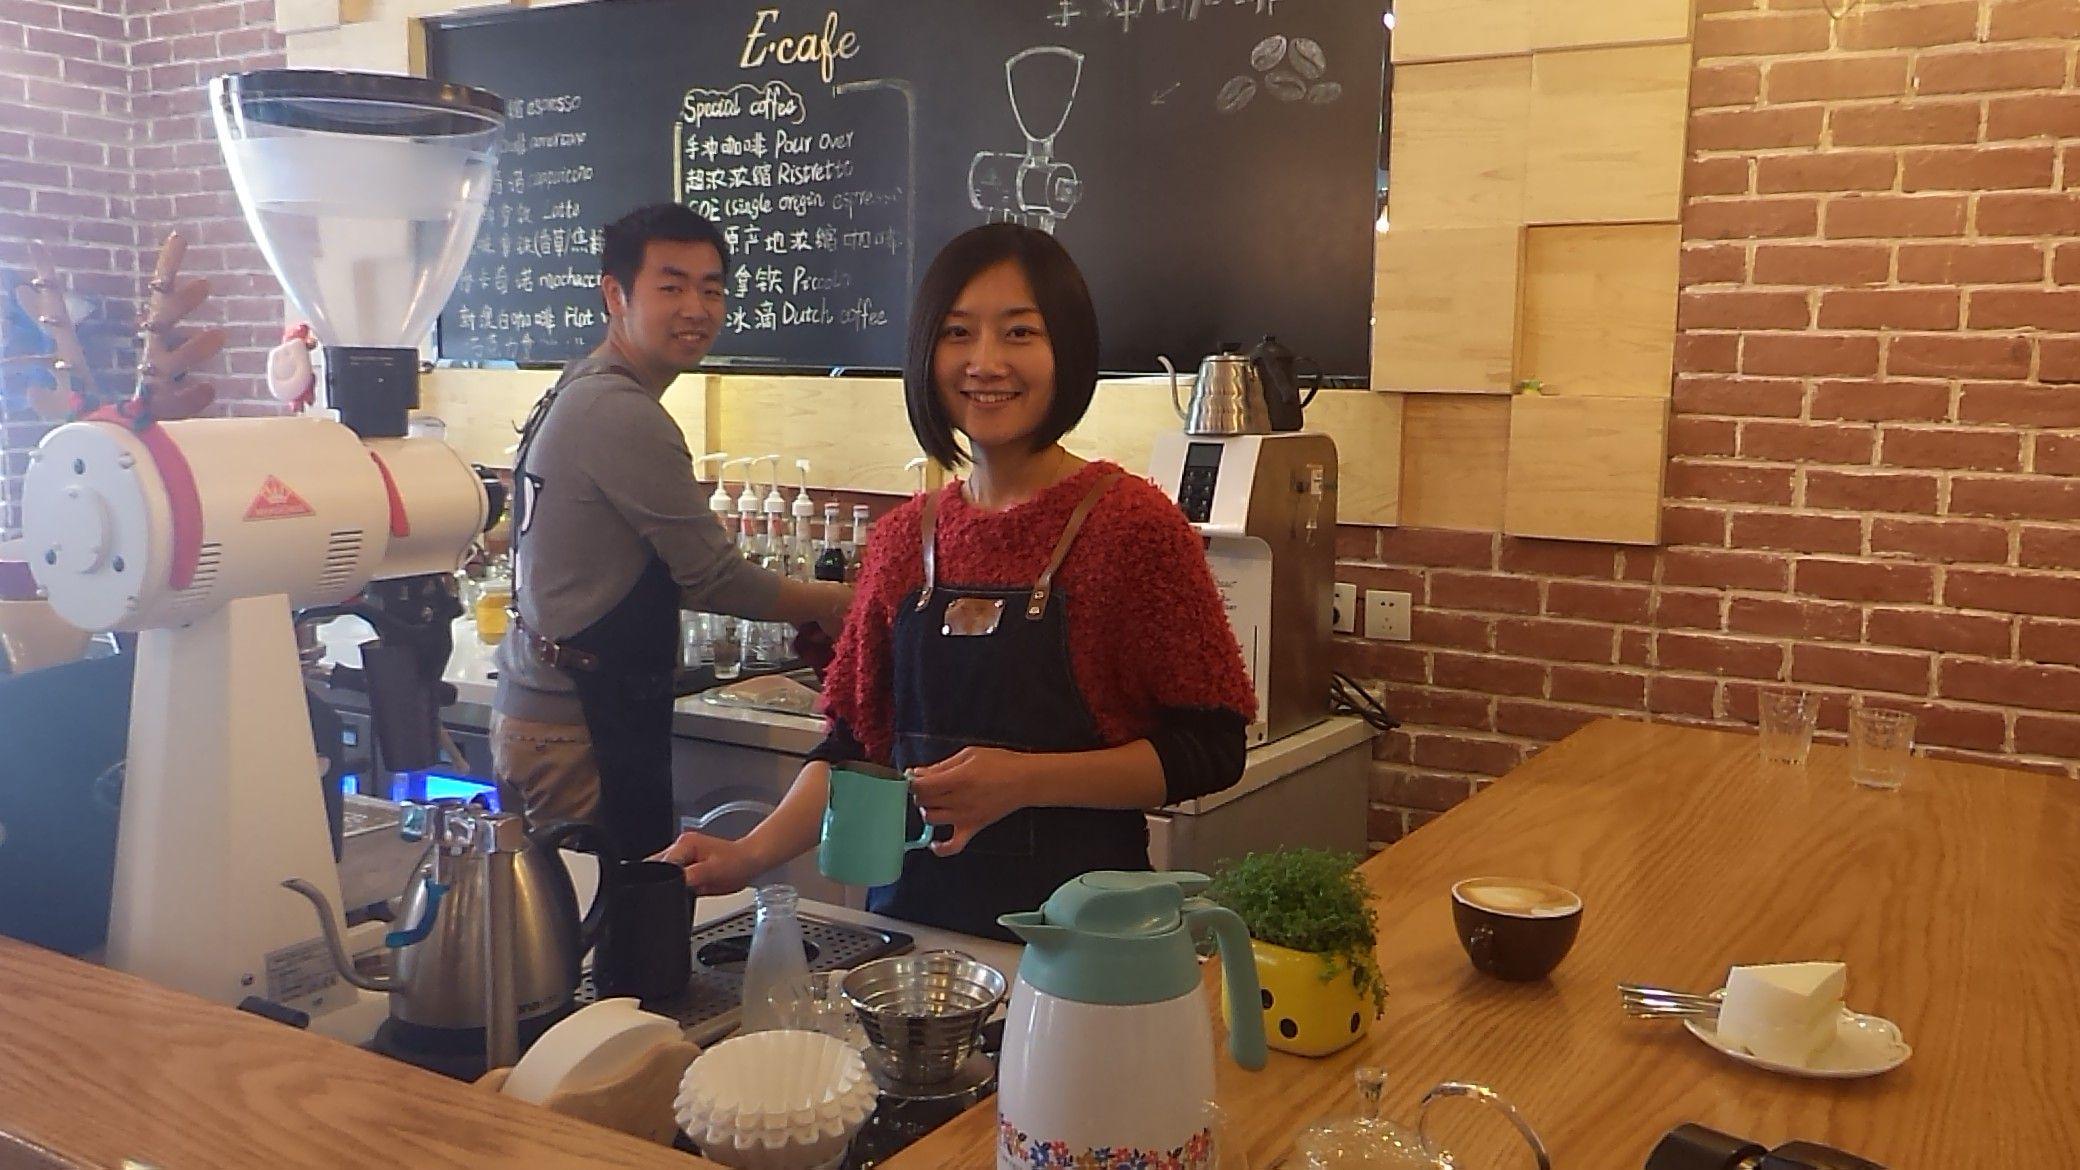 E.cafe咖啡店老板对这款三星360嵌入式变频空调非常满意!为我们准备了丰盛的糕点~谢谢老板、老板娘~